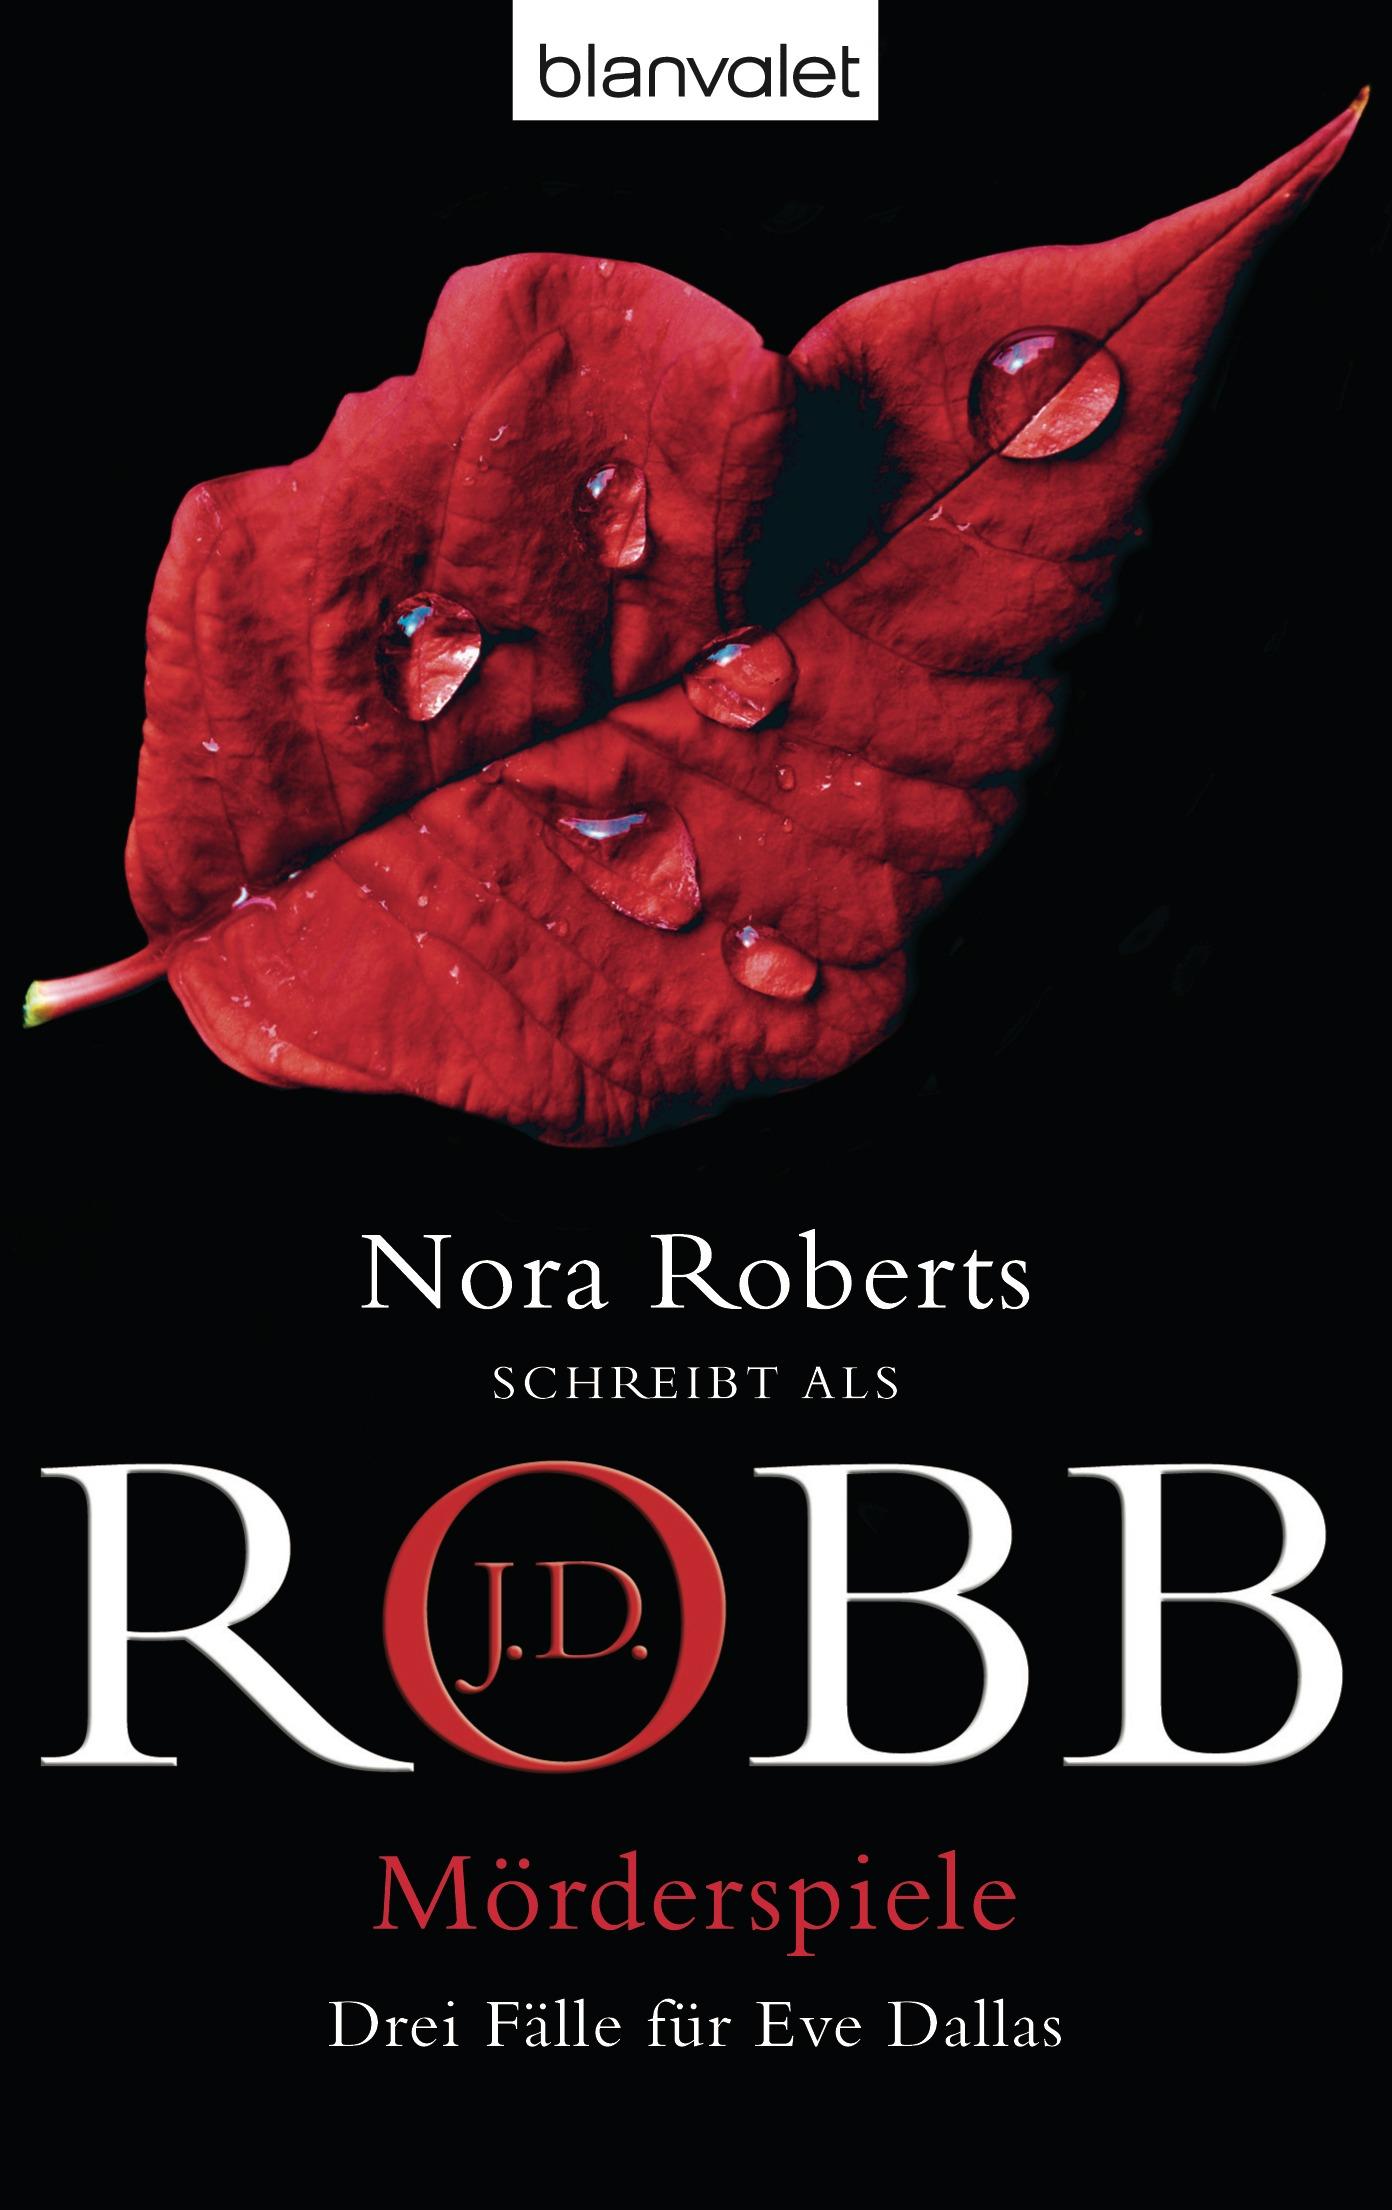 Mörderspiele: Drei Fälle für Eve Dallas - J.D. Robb